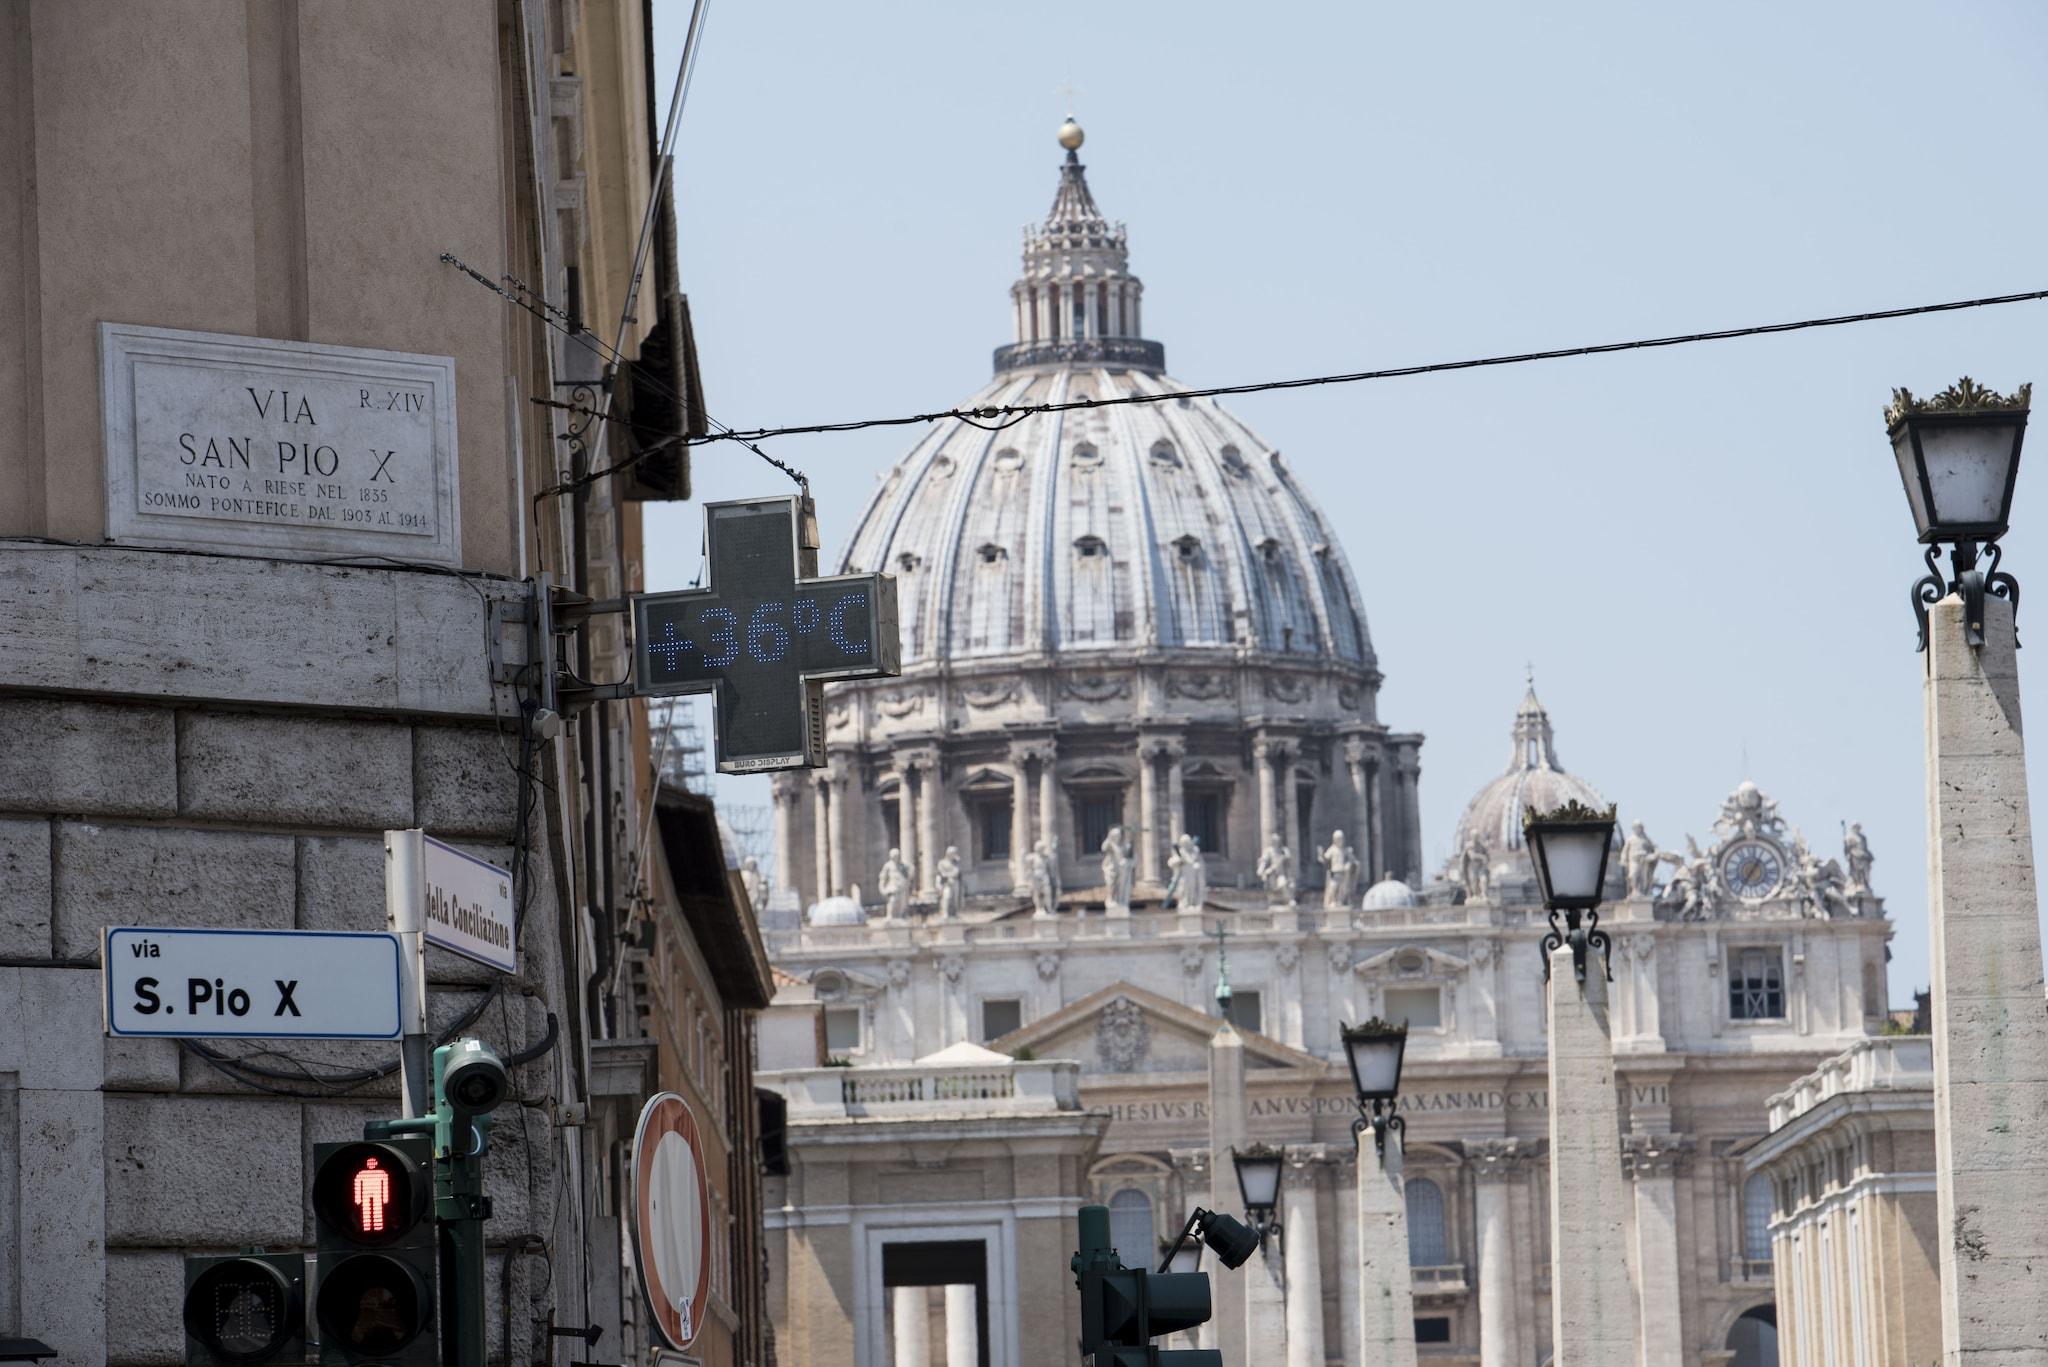 15 Architetti Famosi vaticano: la catena delle responsabilità dentro la curia e